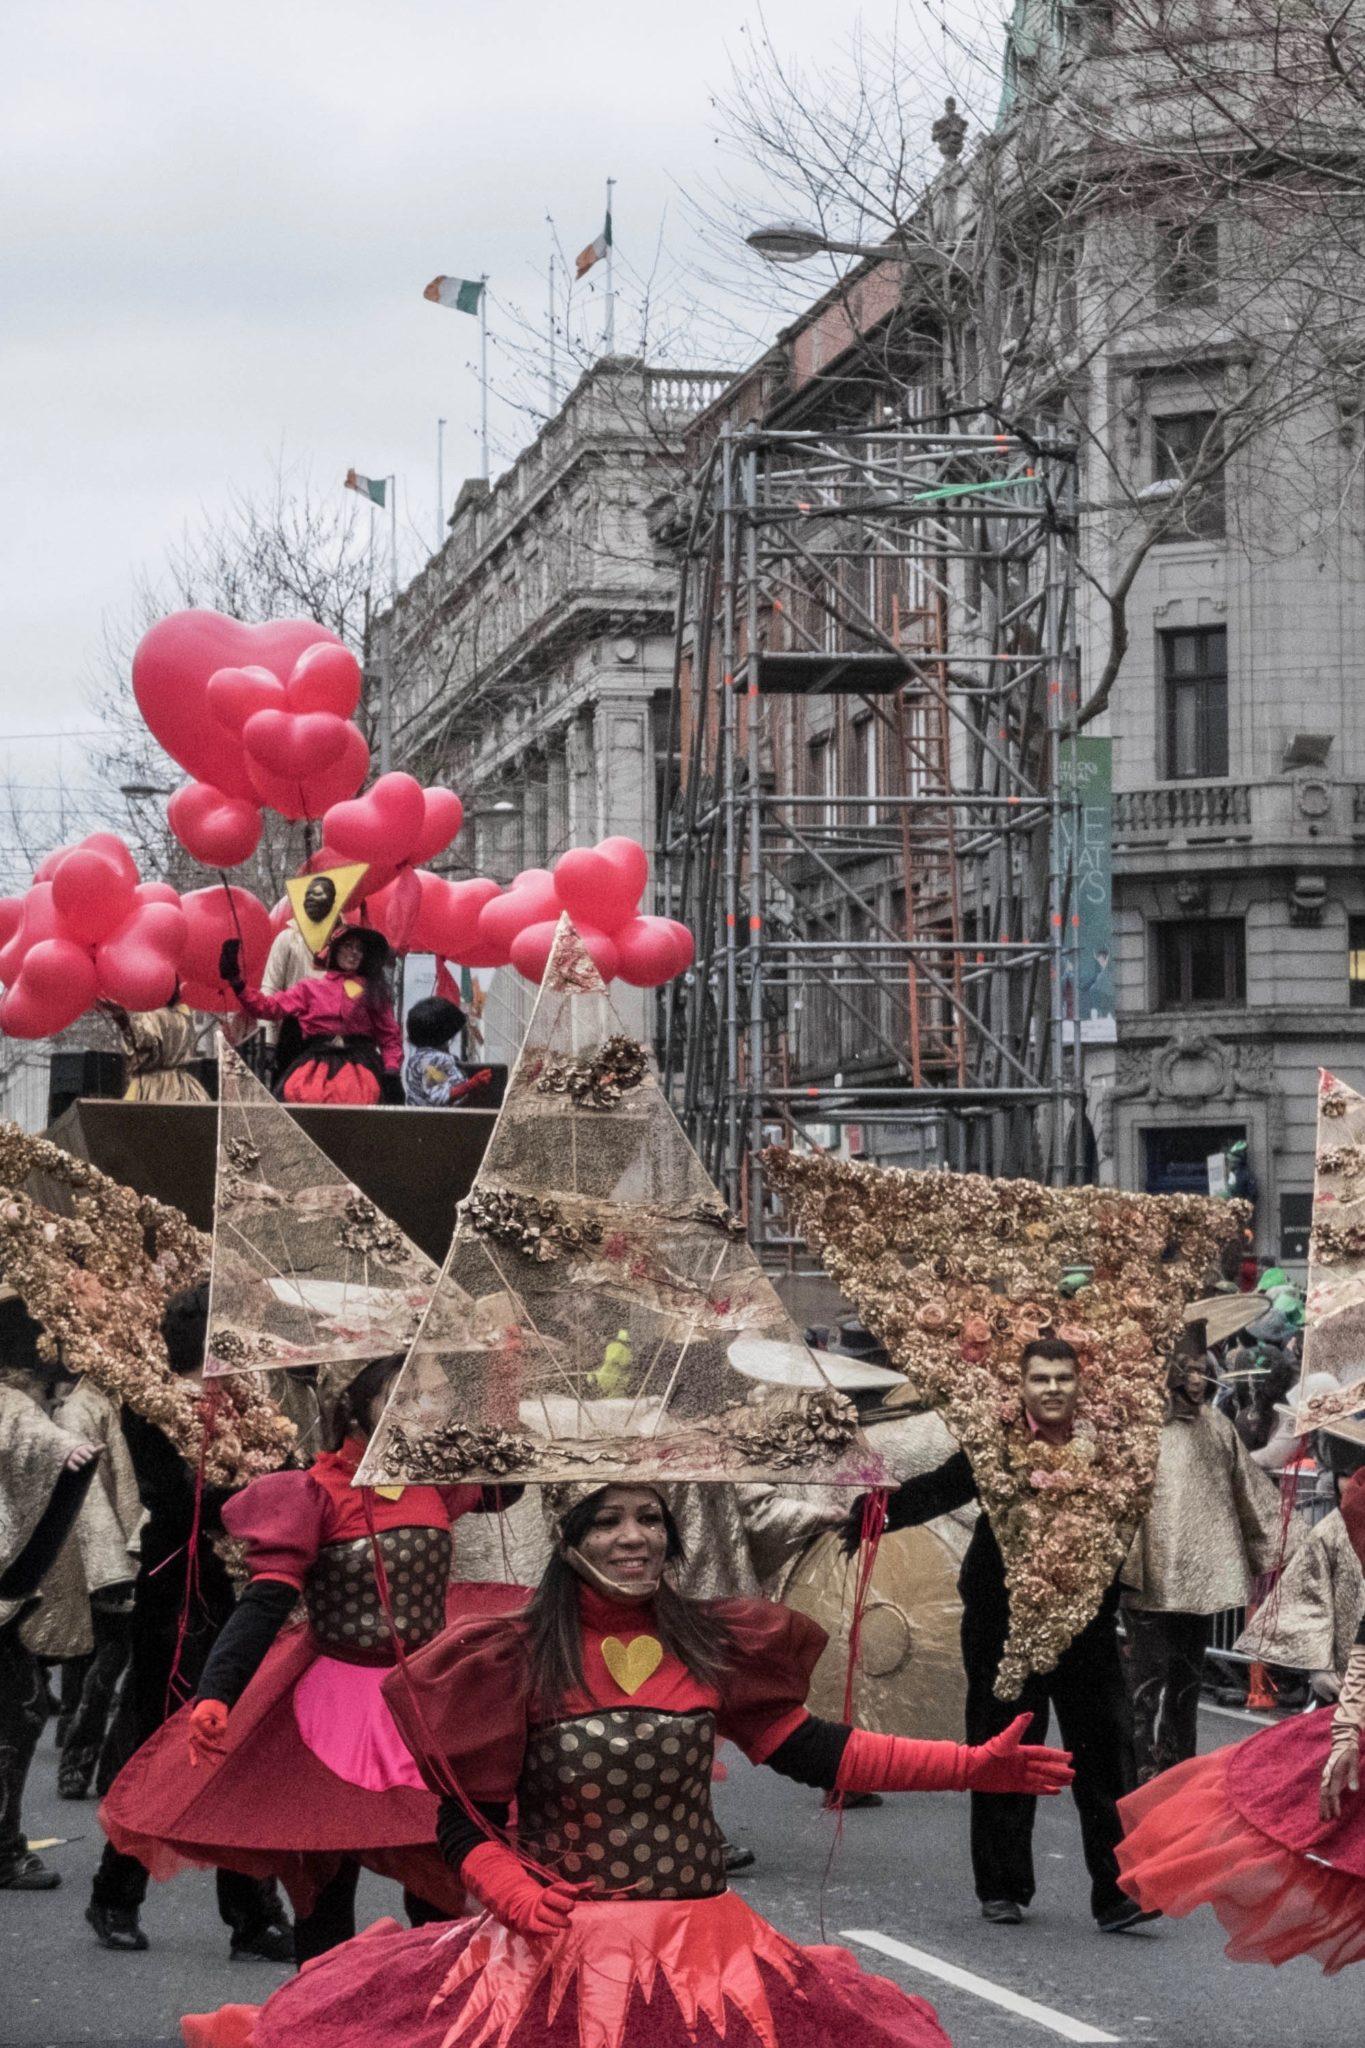 St. Patrick's Day in Dublin: Die Tänzer kommen von der ganzen Welt nach Dublin